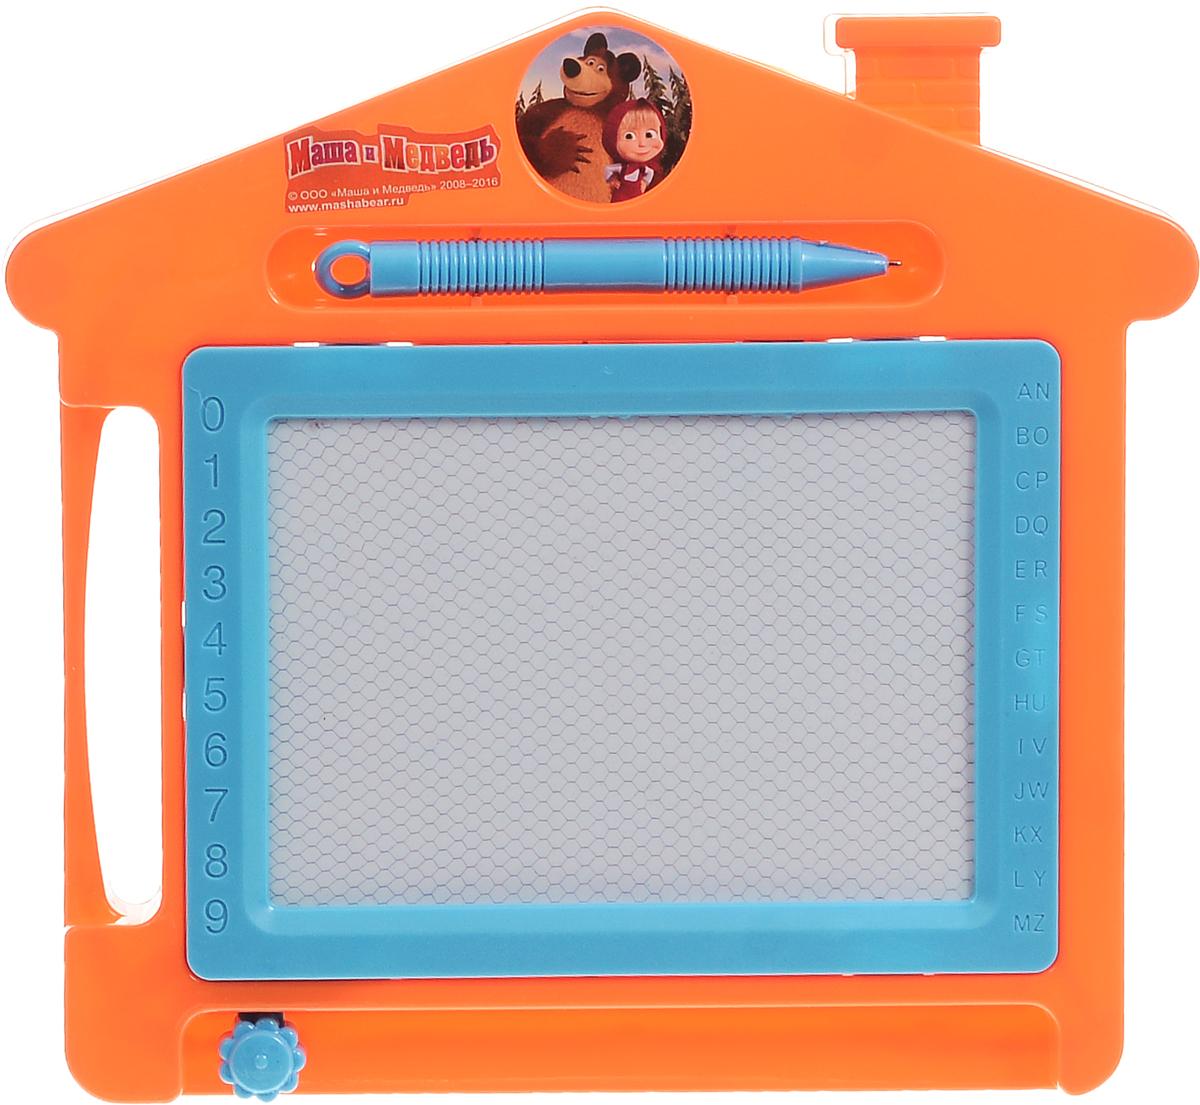 Играем вместе Магнитная доска для рисования Маша и МедведьB545249-R4Магнитная доска для рисования Маша и Медведь от компании Играем вместе предназначена для занятий творчеством. На поверхность доски наносится рисунок с помощью специальной ручки, который затем стирается поворотом механизма, расположенного внизу. Корпус игрушки изготовлен из пластика в виде домика и окрашен в яркий веселый цвет. Магнитно-маркерная доска Маша и Медведь отлично подойдет для игр и учебы. Доска для рисования станет для вашего ребенка незаменимым помощником в его творческих начинаниях.